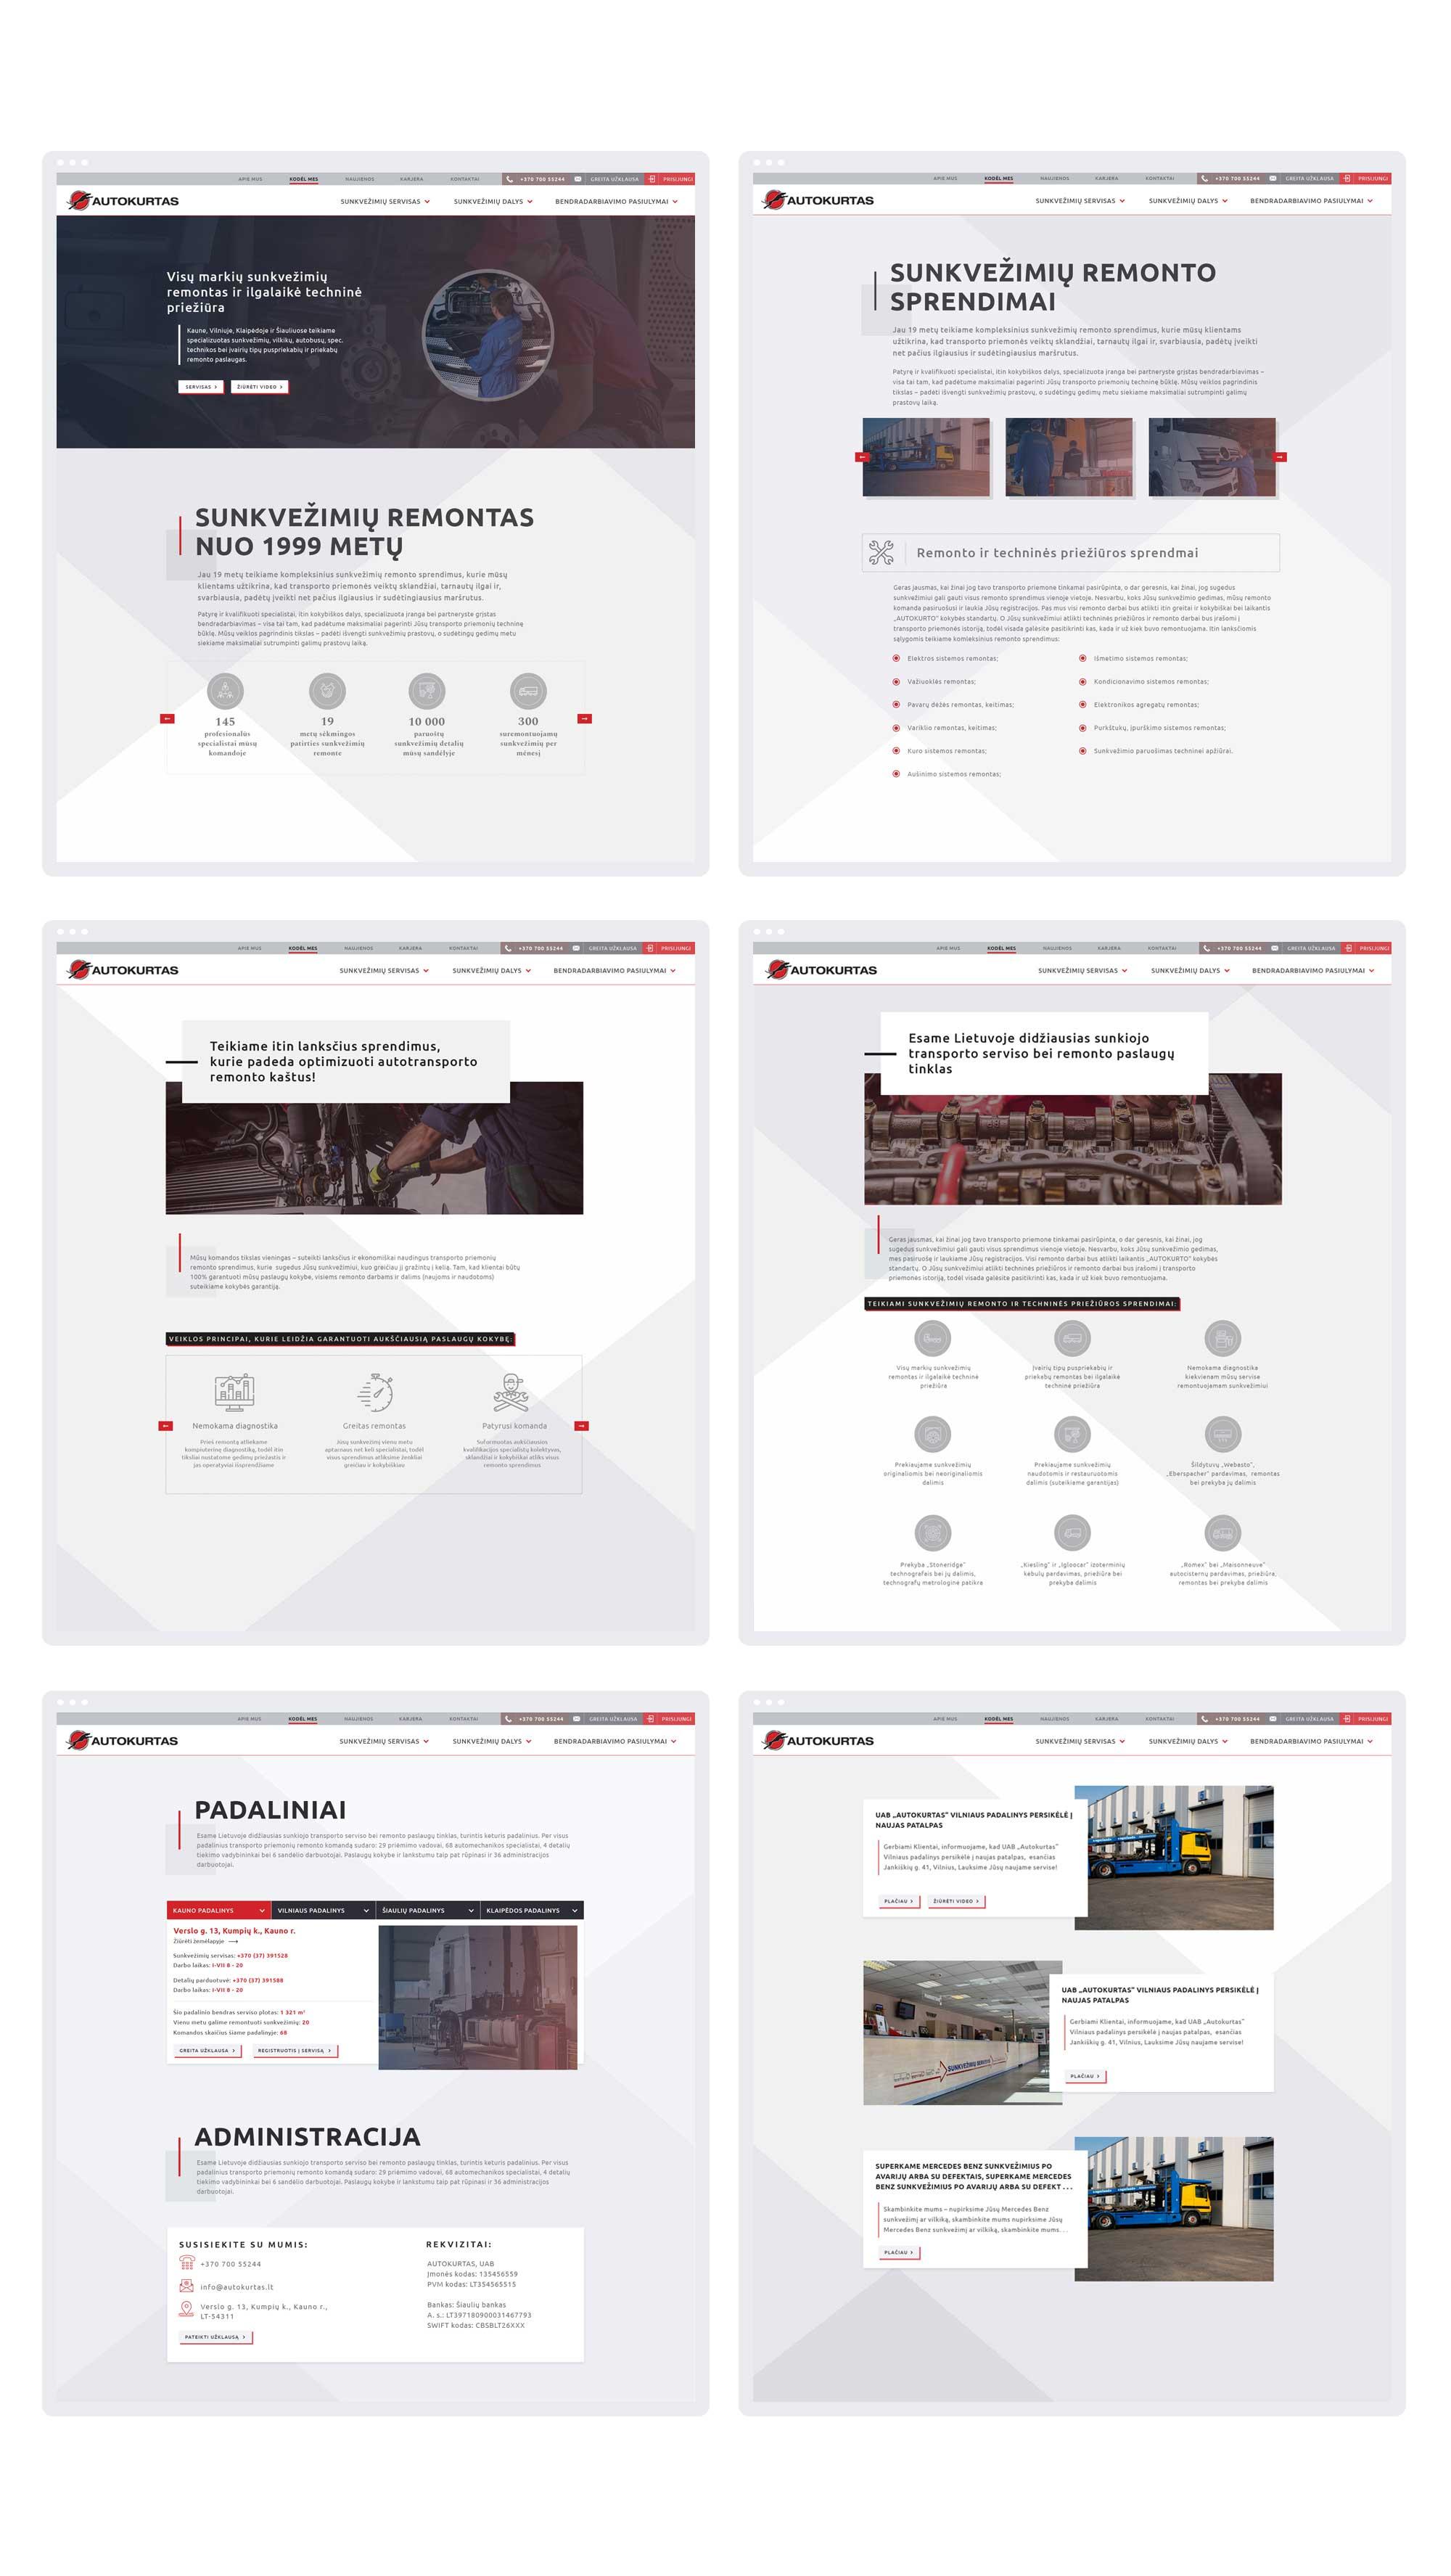 PIXELART - internetinių svetainių kūrimas. Sukūrėme šiuolaikišką ir itin dinamišką internetinės svetainės dizainą. Internetinių svetainių kūrimas: Vilniuje, Kaune, Šiauliuose, Klaipėdoje, Panevėžyje. Unikalių internetinių svetainių kūrimas – PIXELART.